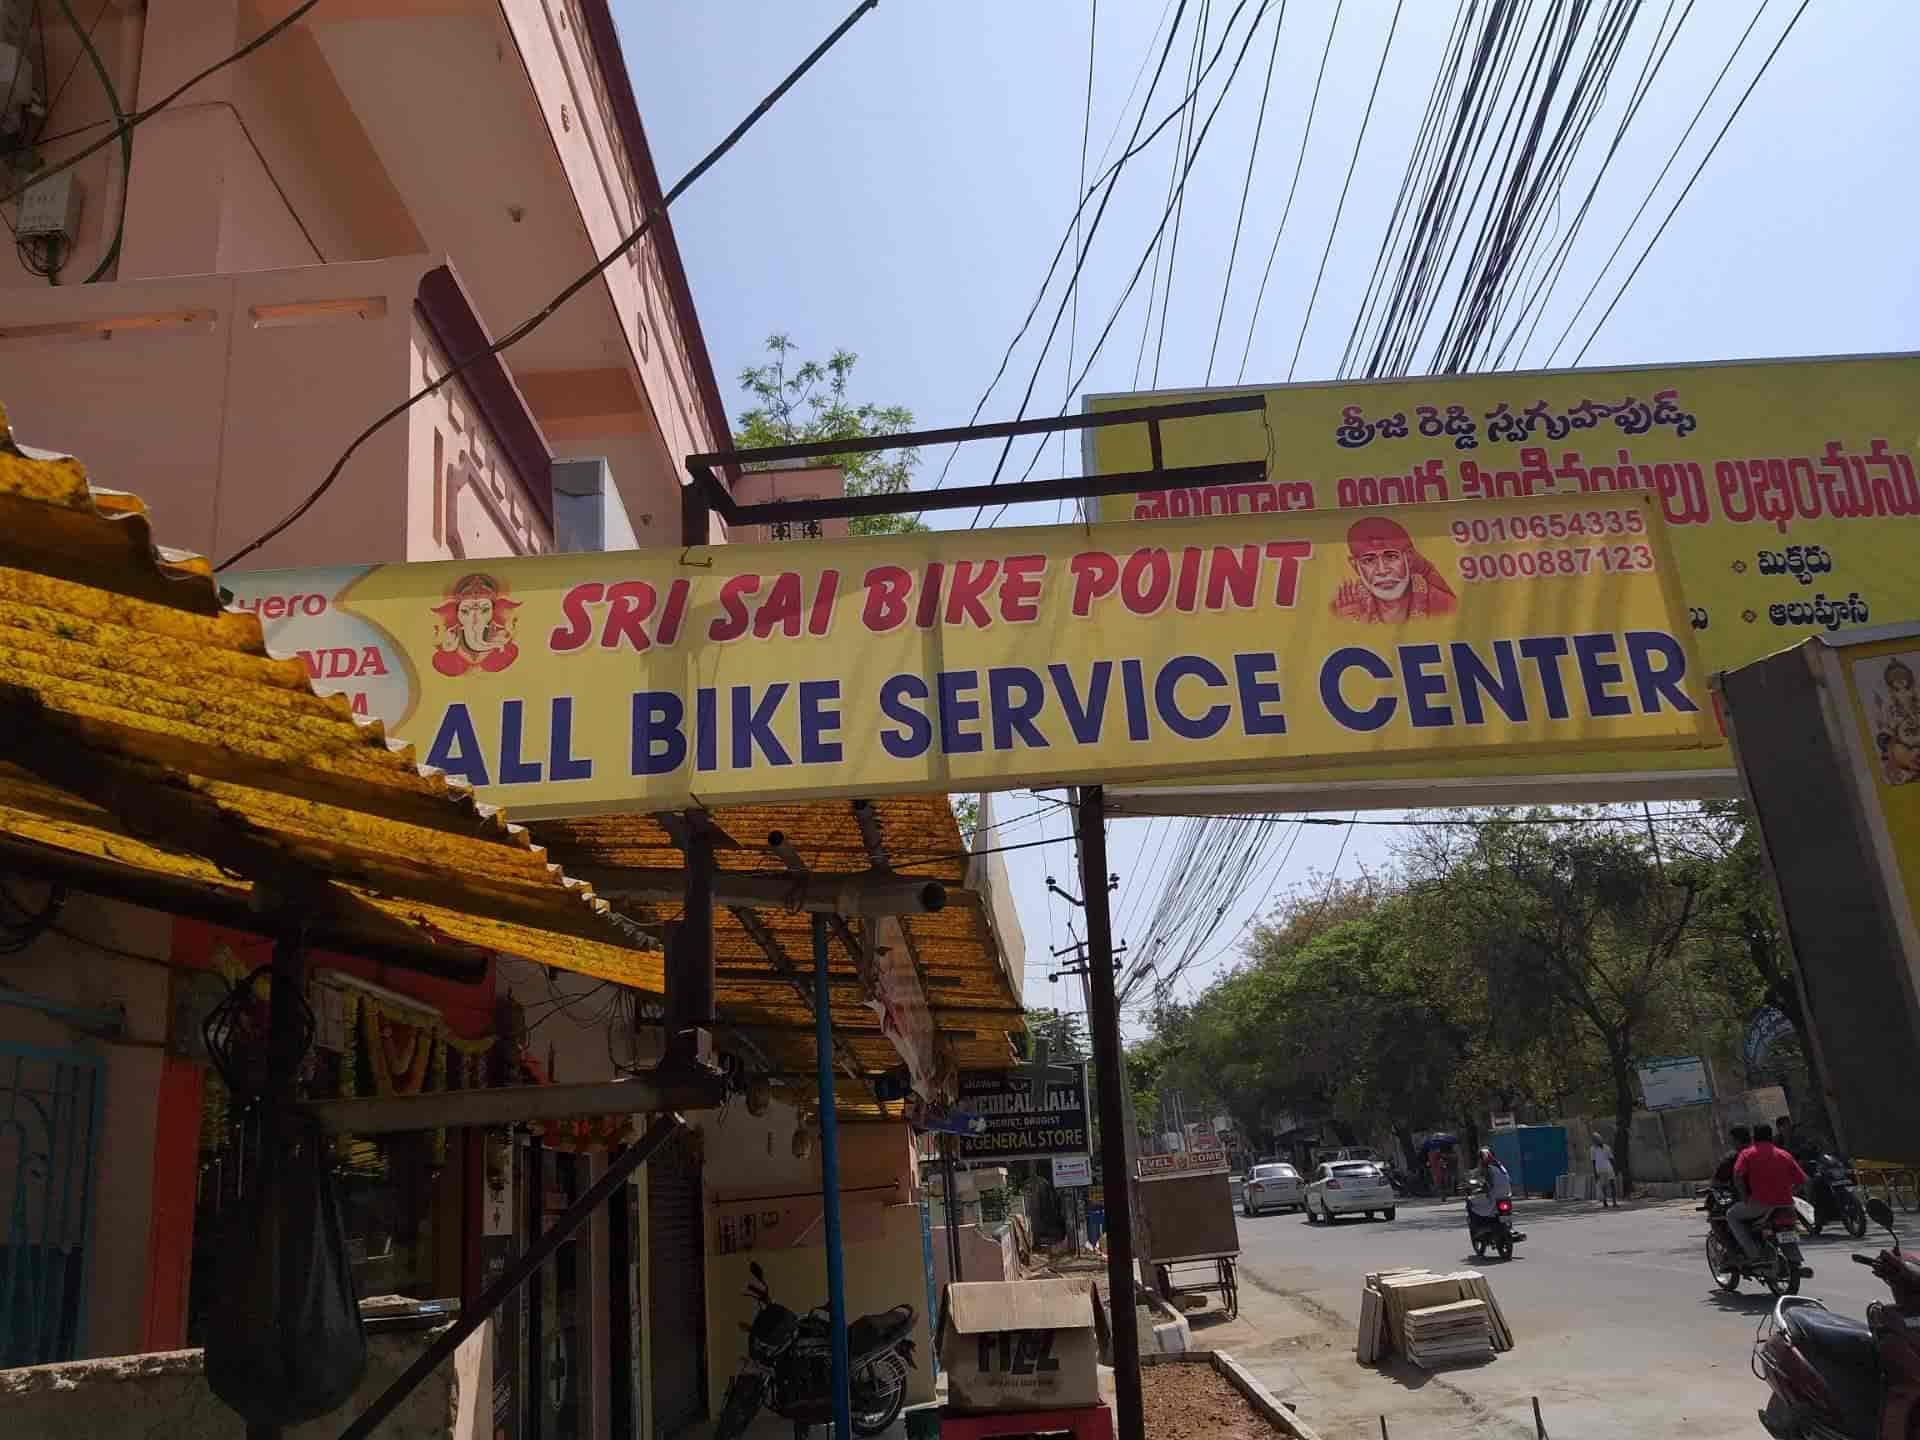 Sri Sai Bike Point, Saroor Nagar - Motorcycle Repair